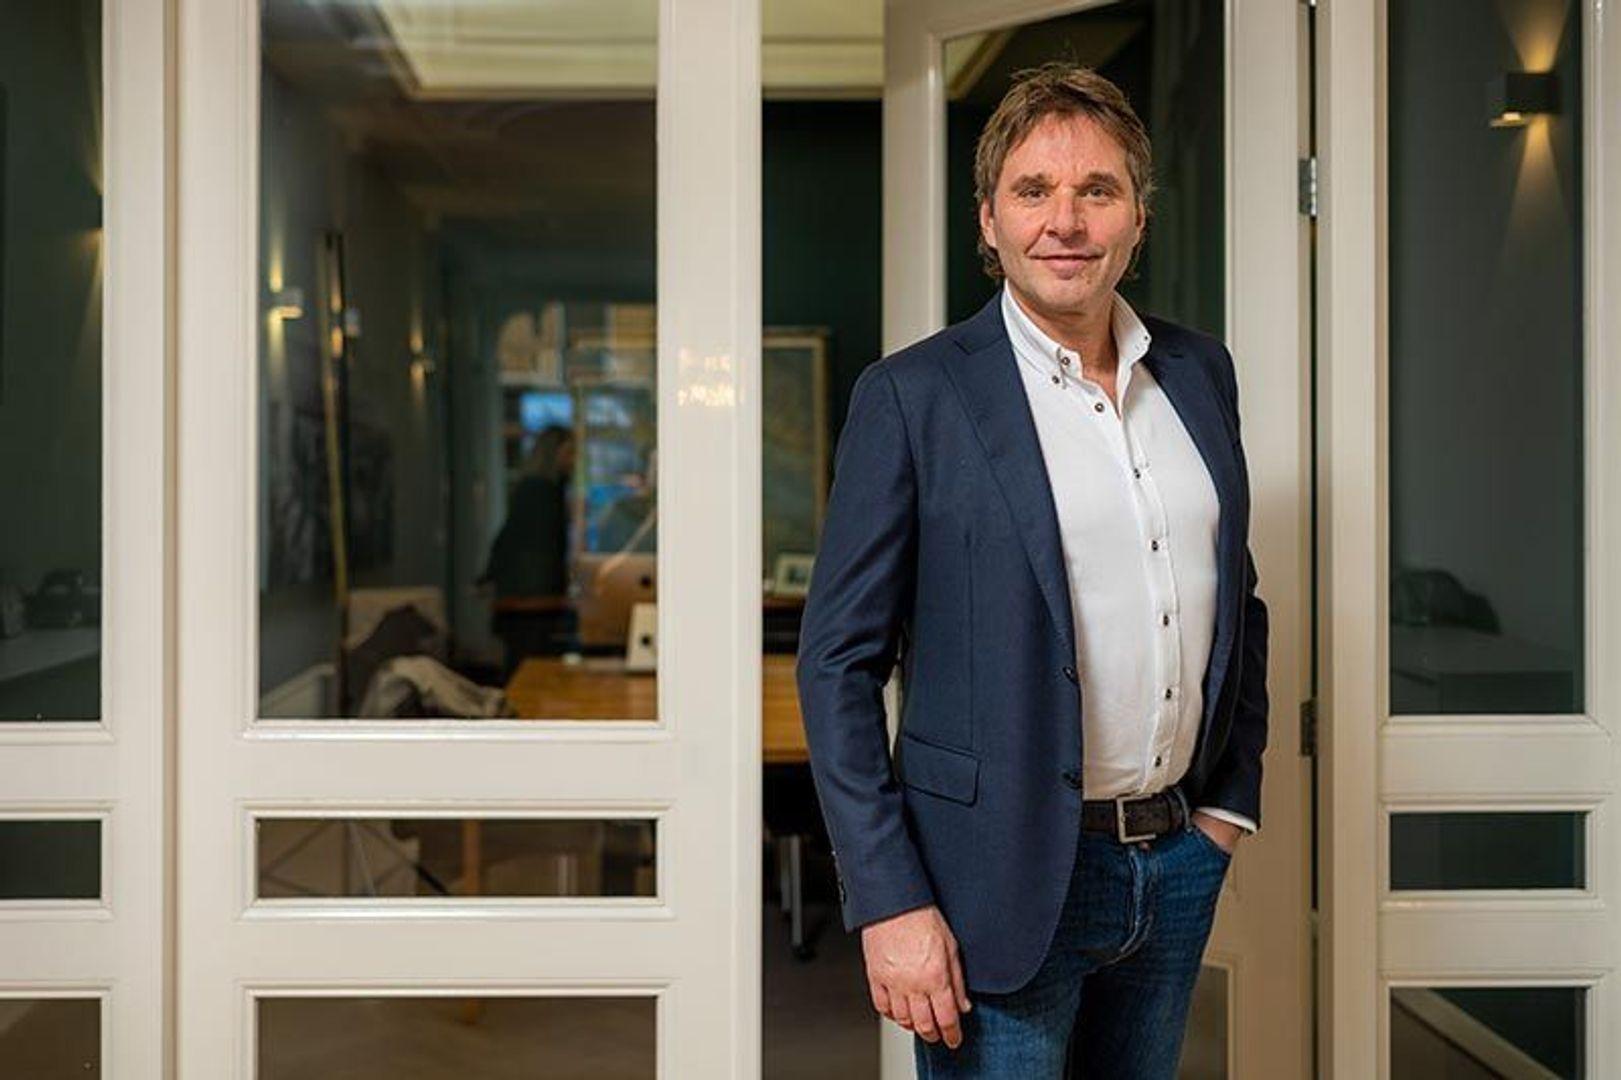 Dennis Hekking